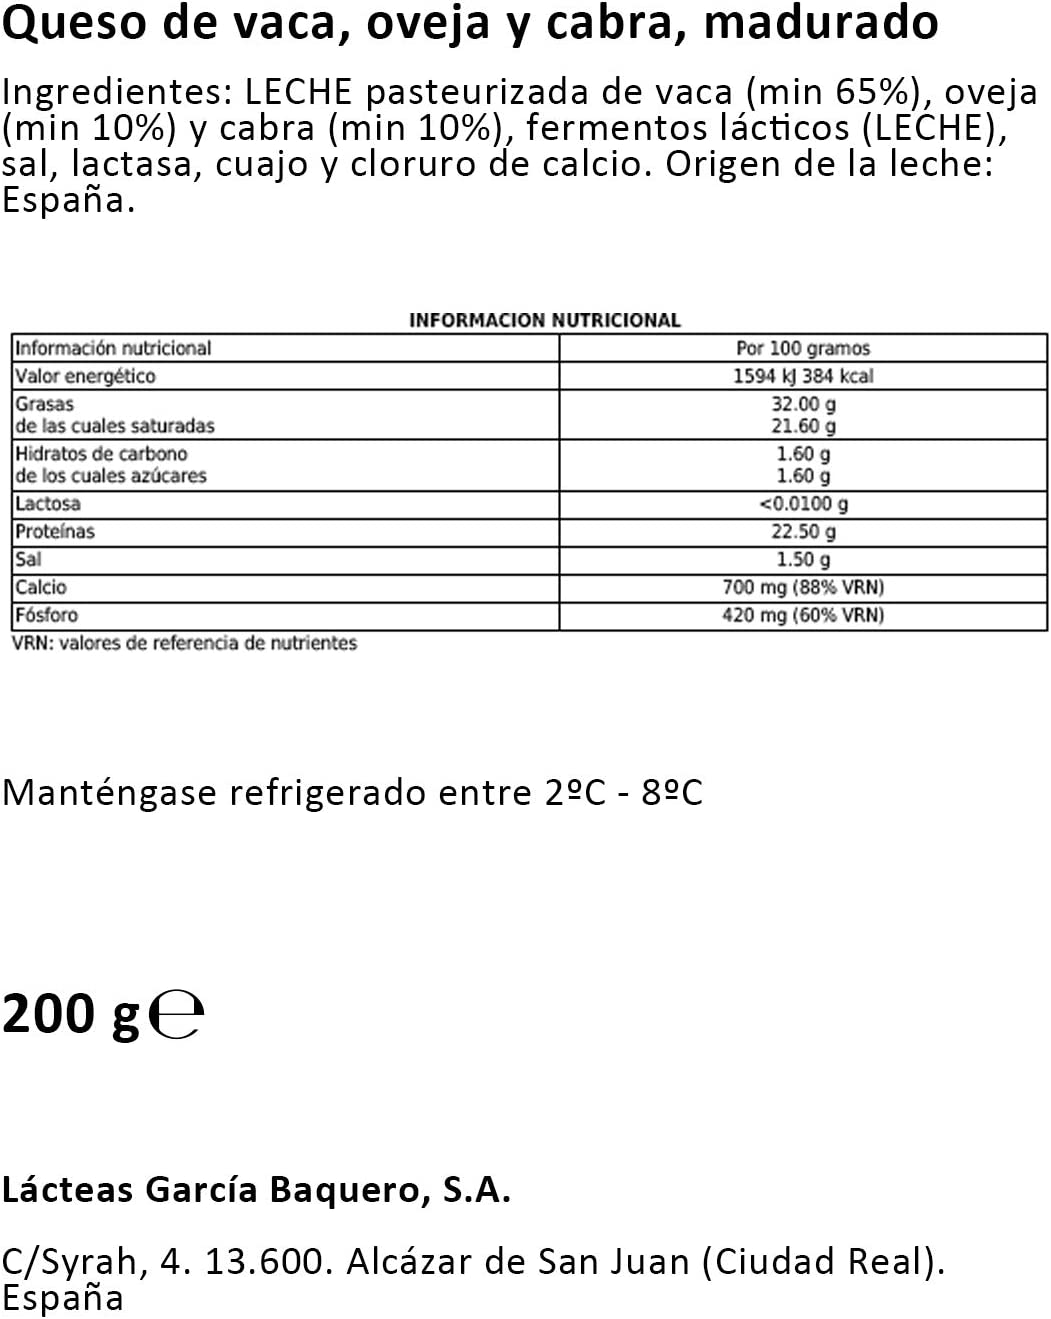 García Baquero Queso sin Lactosa Ya Cortado, 200g: Amazon.es ...